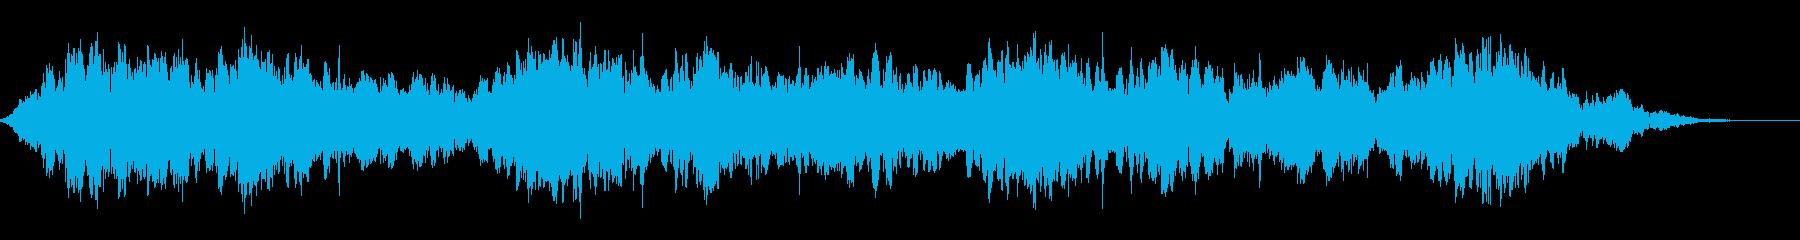 背景音 SFの再生済みの波形